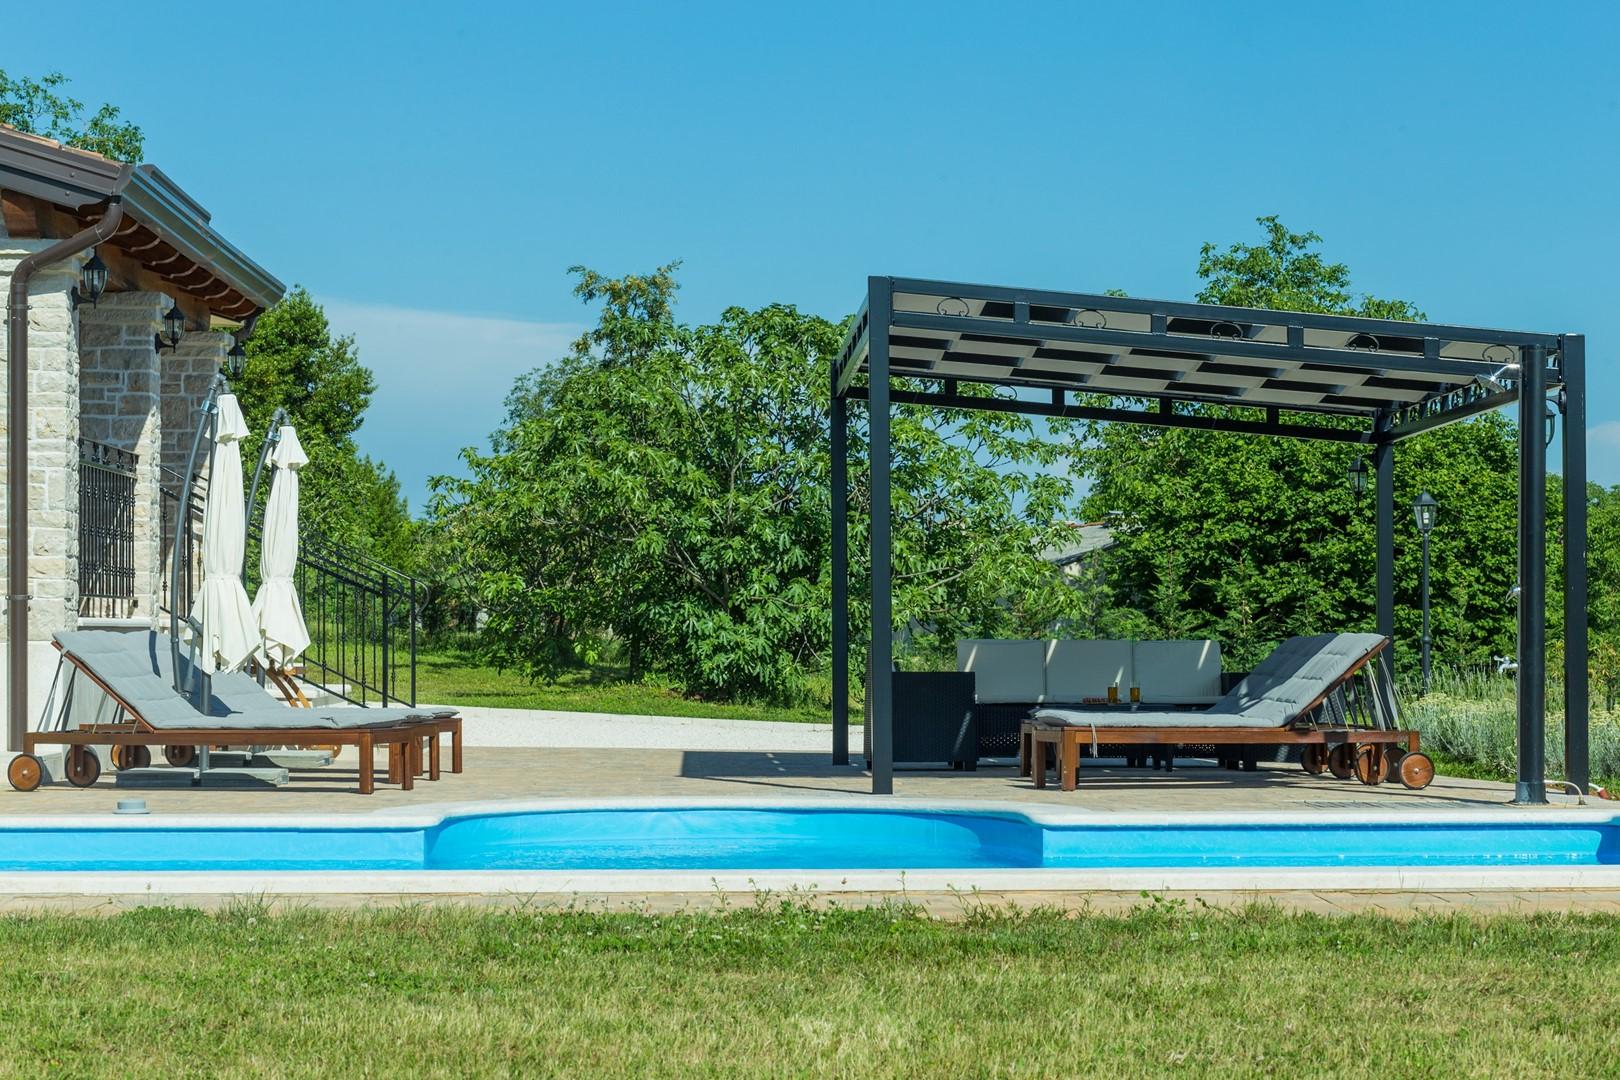 Ferienhaus Villa Elida mit Pool in abgelegene Lage - Zentral-Istrien (2789996), Pazin, , Istrien, Kroatien, Bild 35